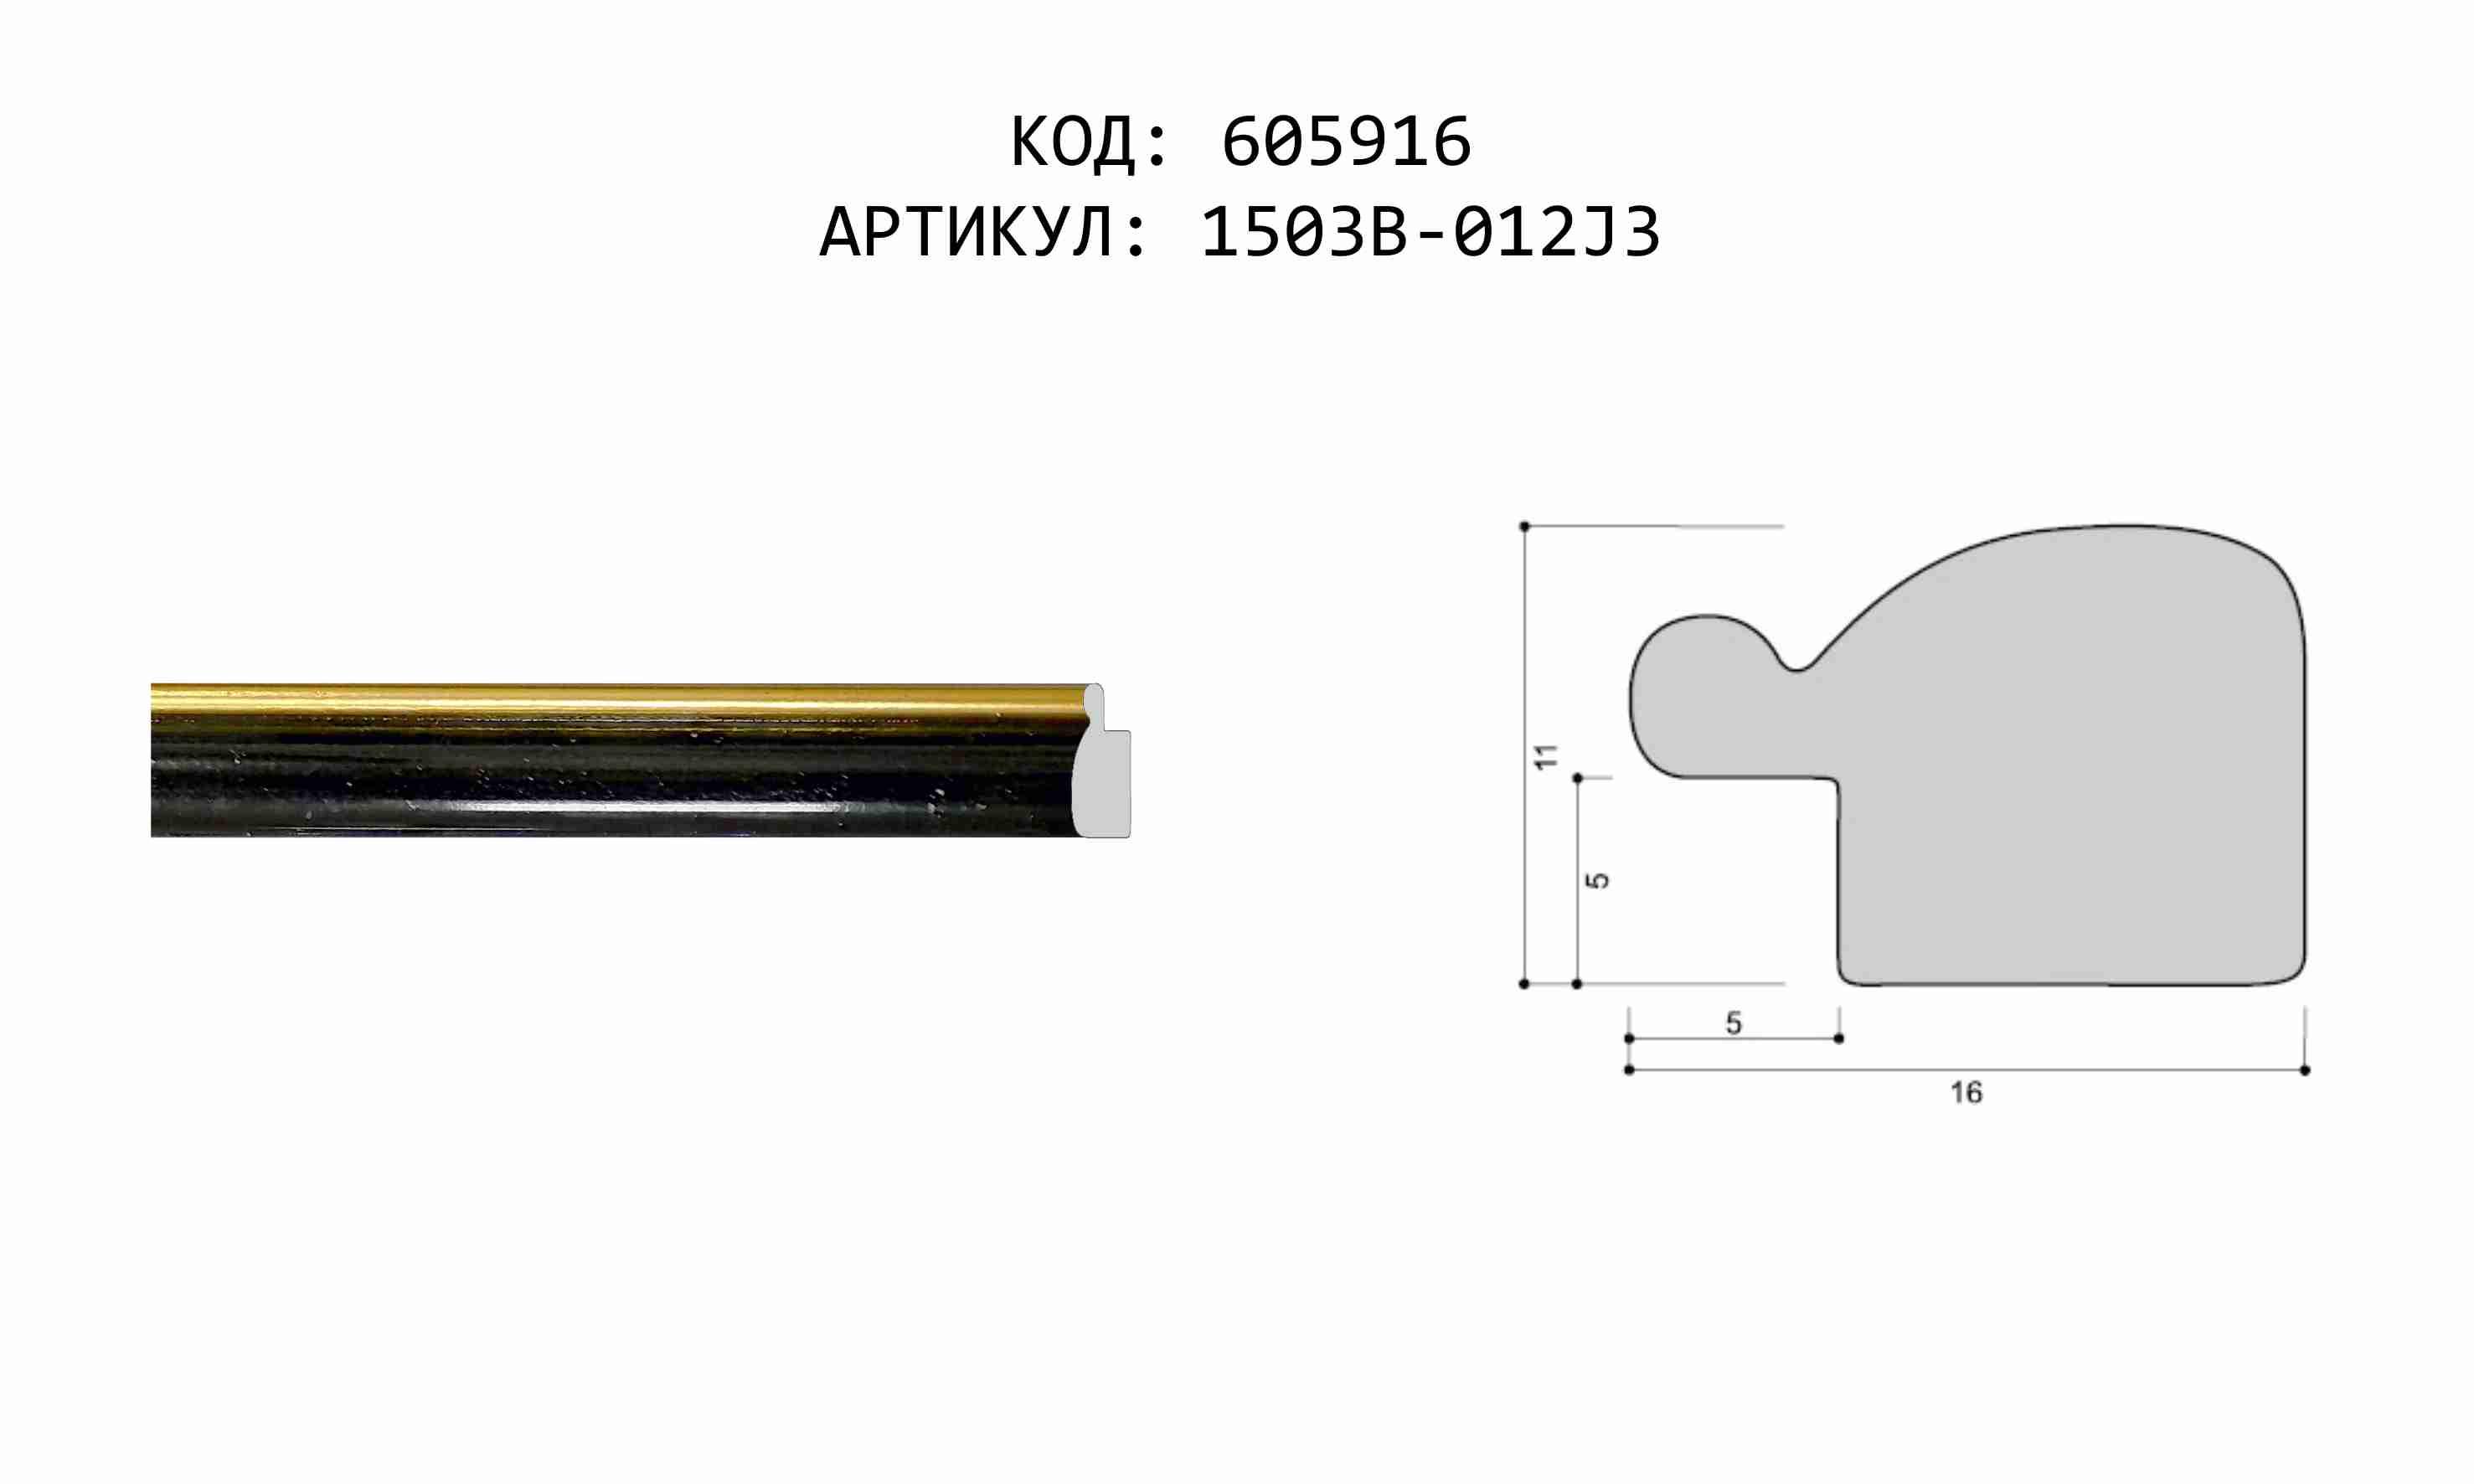 Артикул: 1503B-012J3